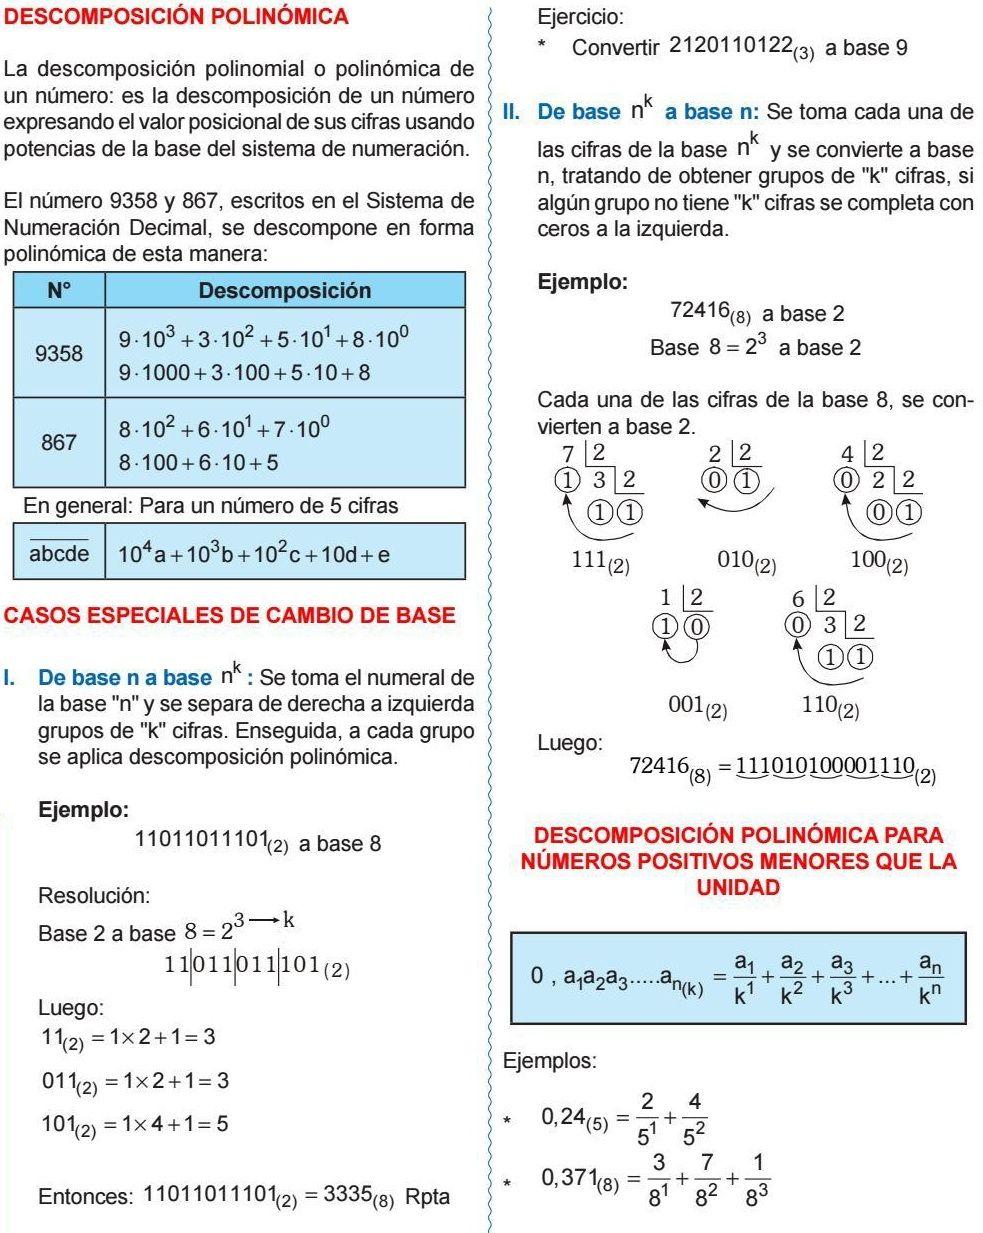 Descomposicion Polinomica Casos Especiales Cambio De Base Descomposicion Polinomica Para Numeros Positivos Menores Que La Unidad Math Learning Journal